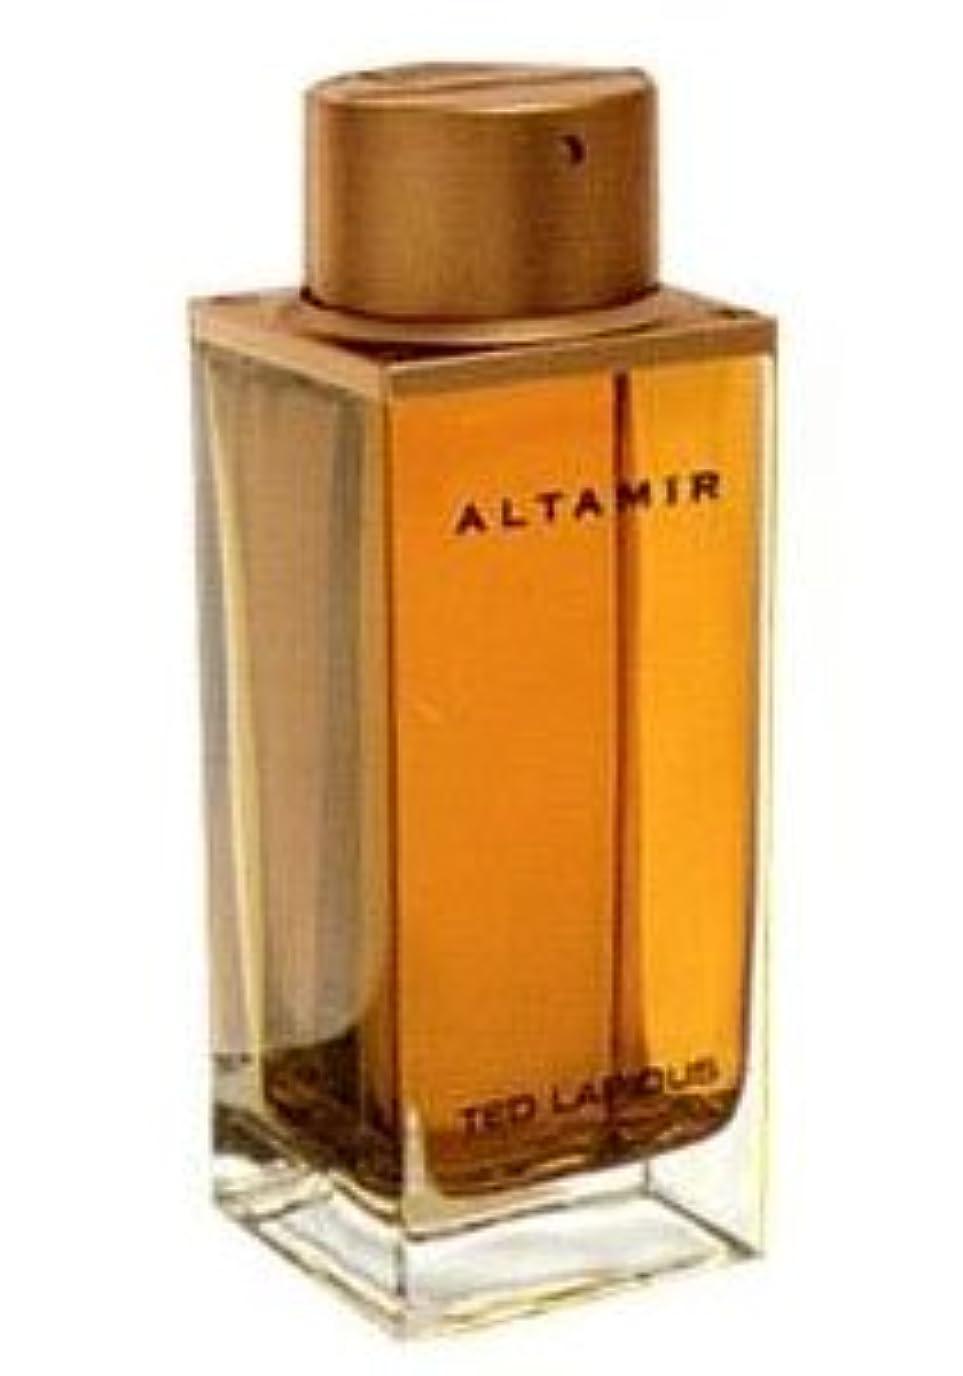 完璧な平行気質Altamir (アルタミラ) 4.16 oz (125ml) EDT Spray by Ted Rapidus for Men